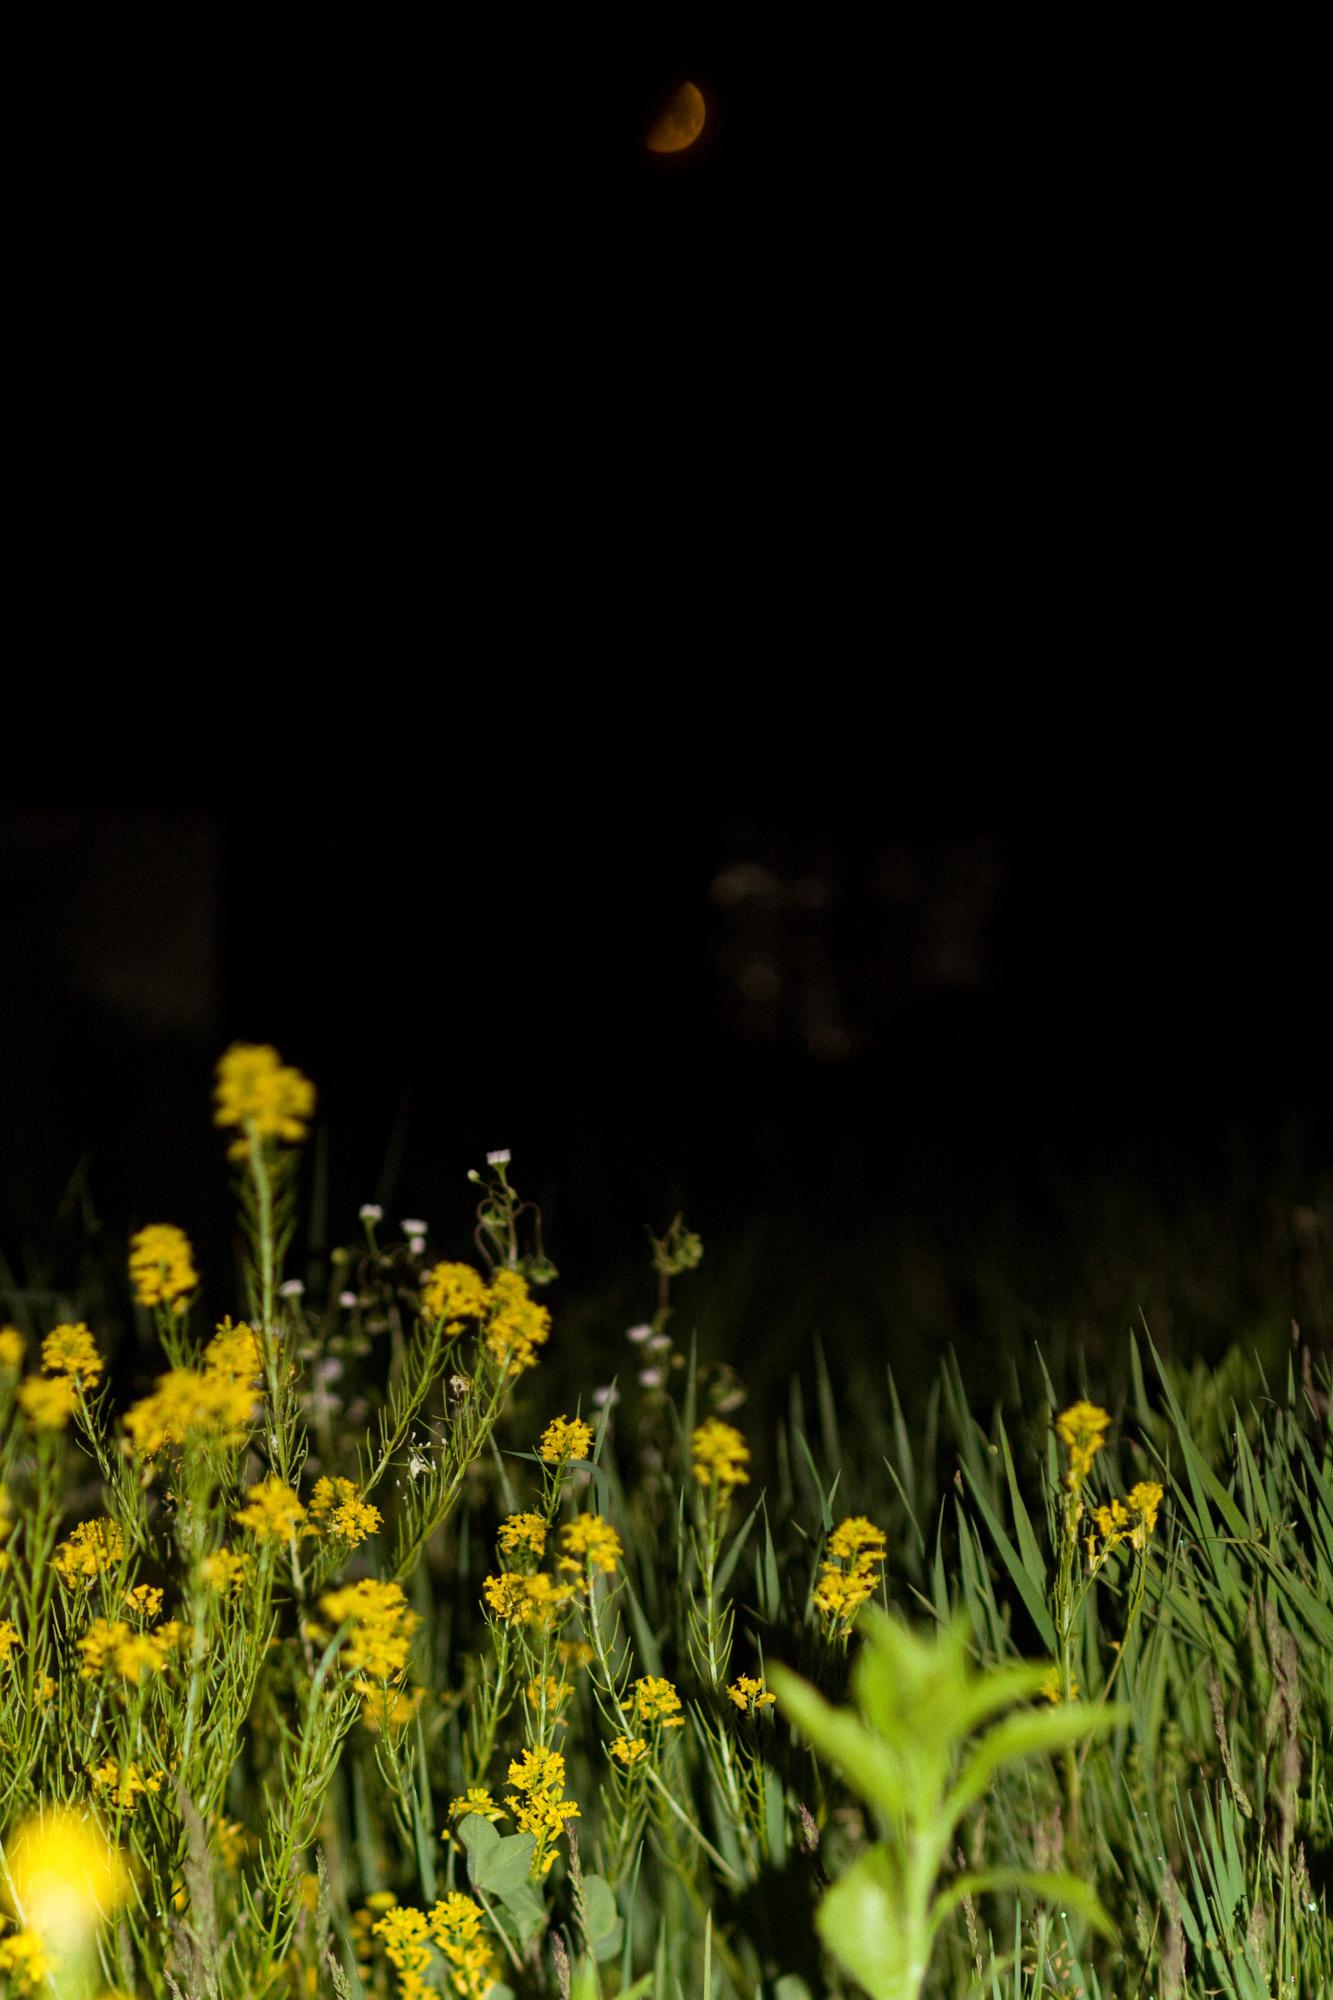 萤火虫飞舞的北斗七星等高清图片